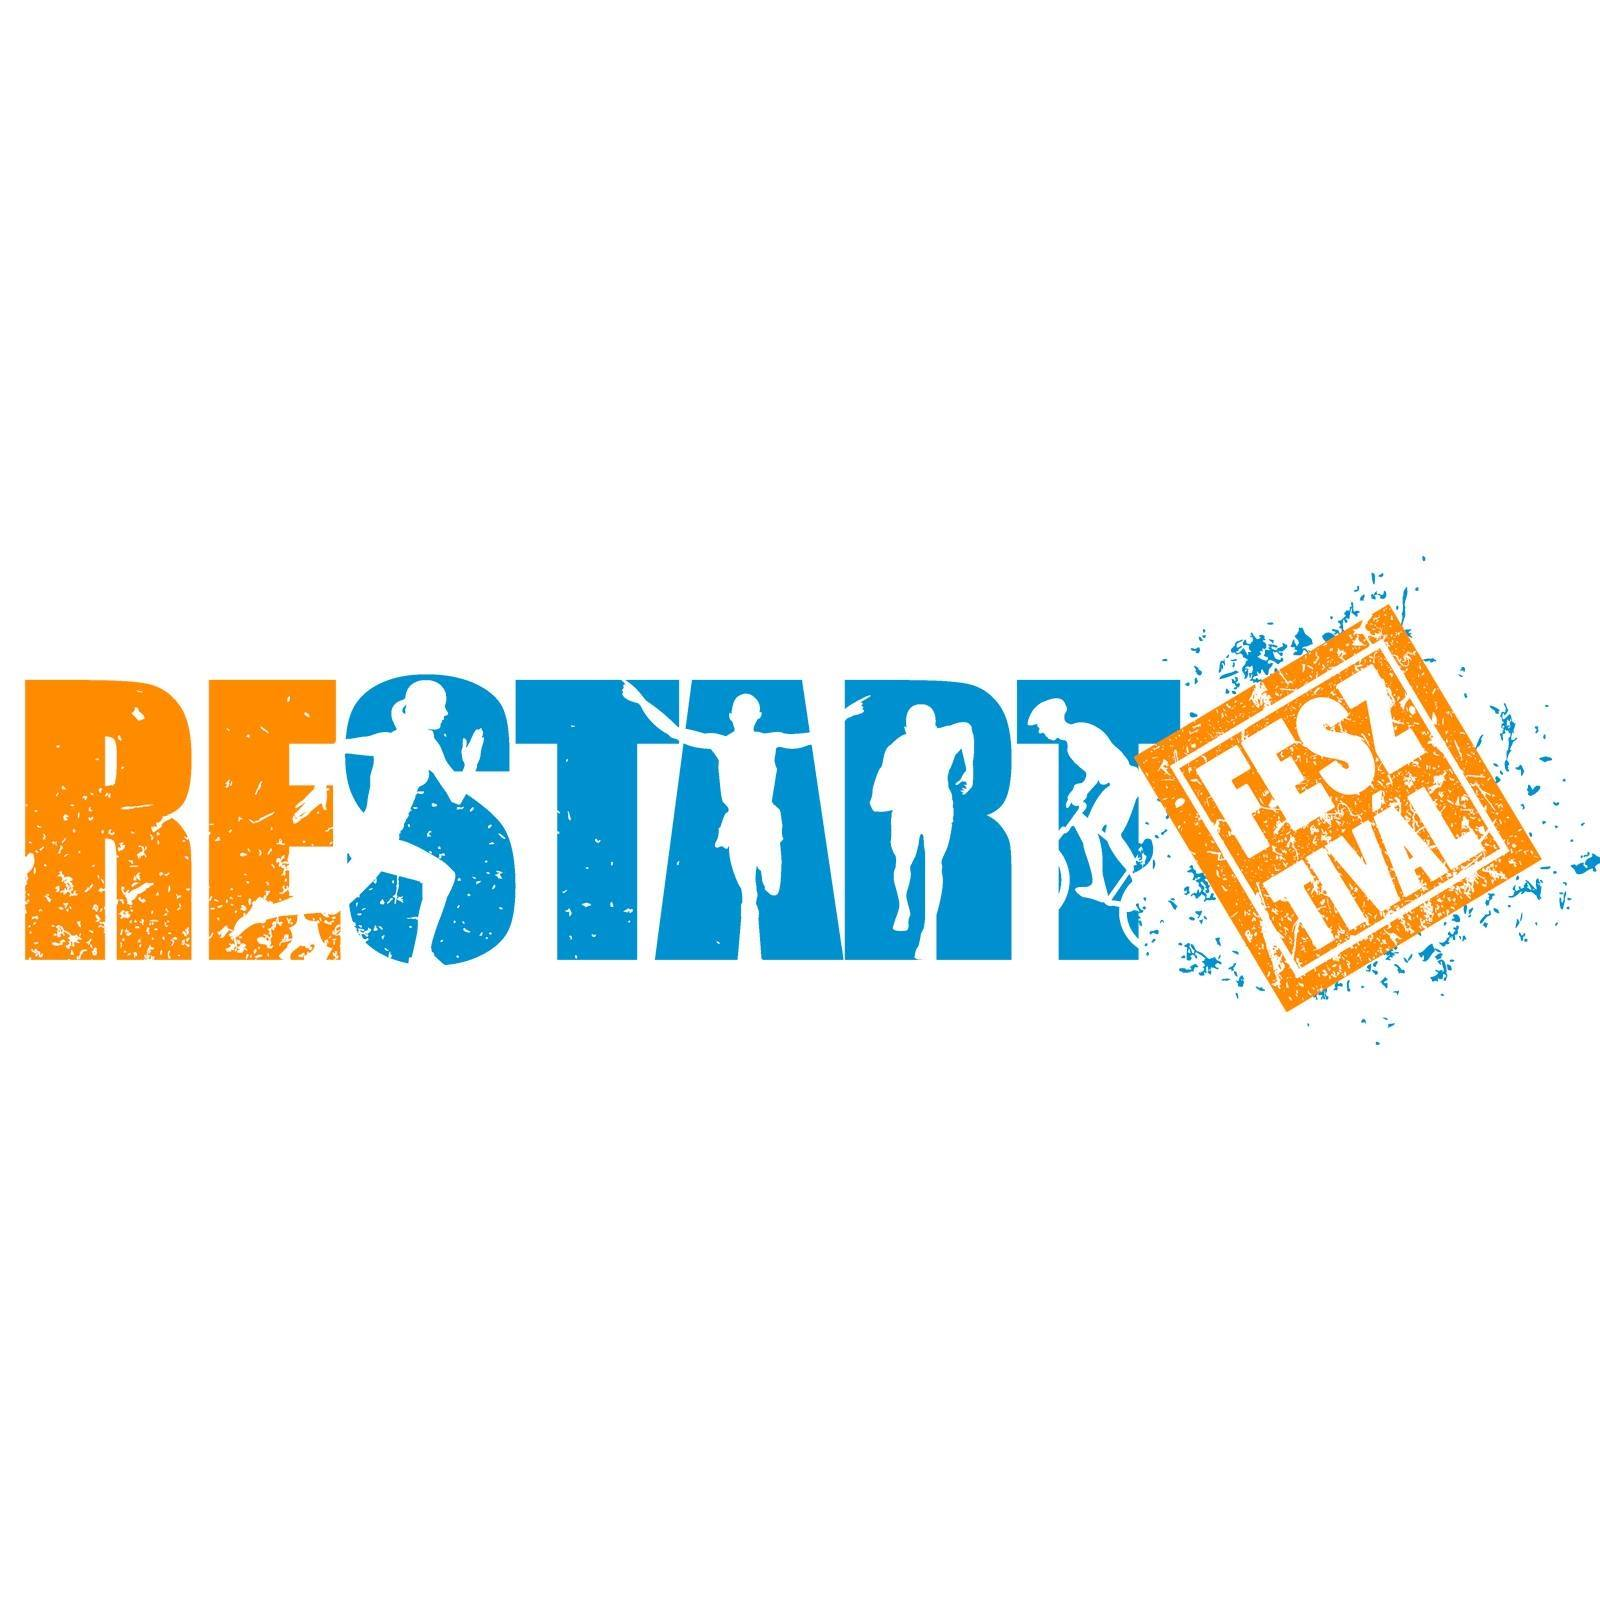 Restart-fesztival